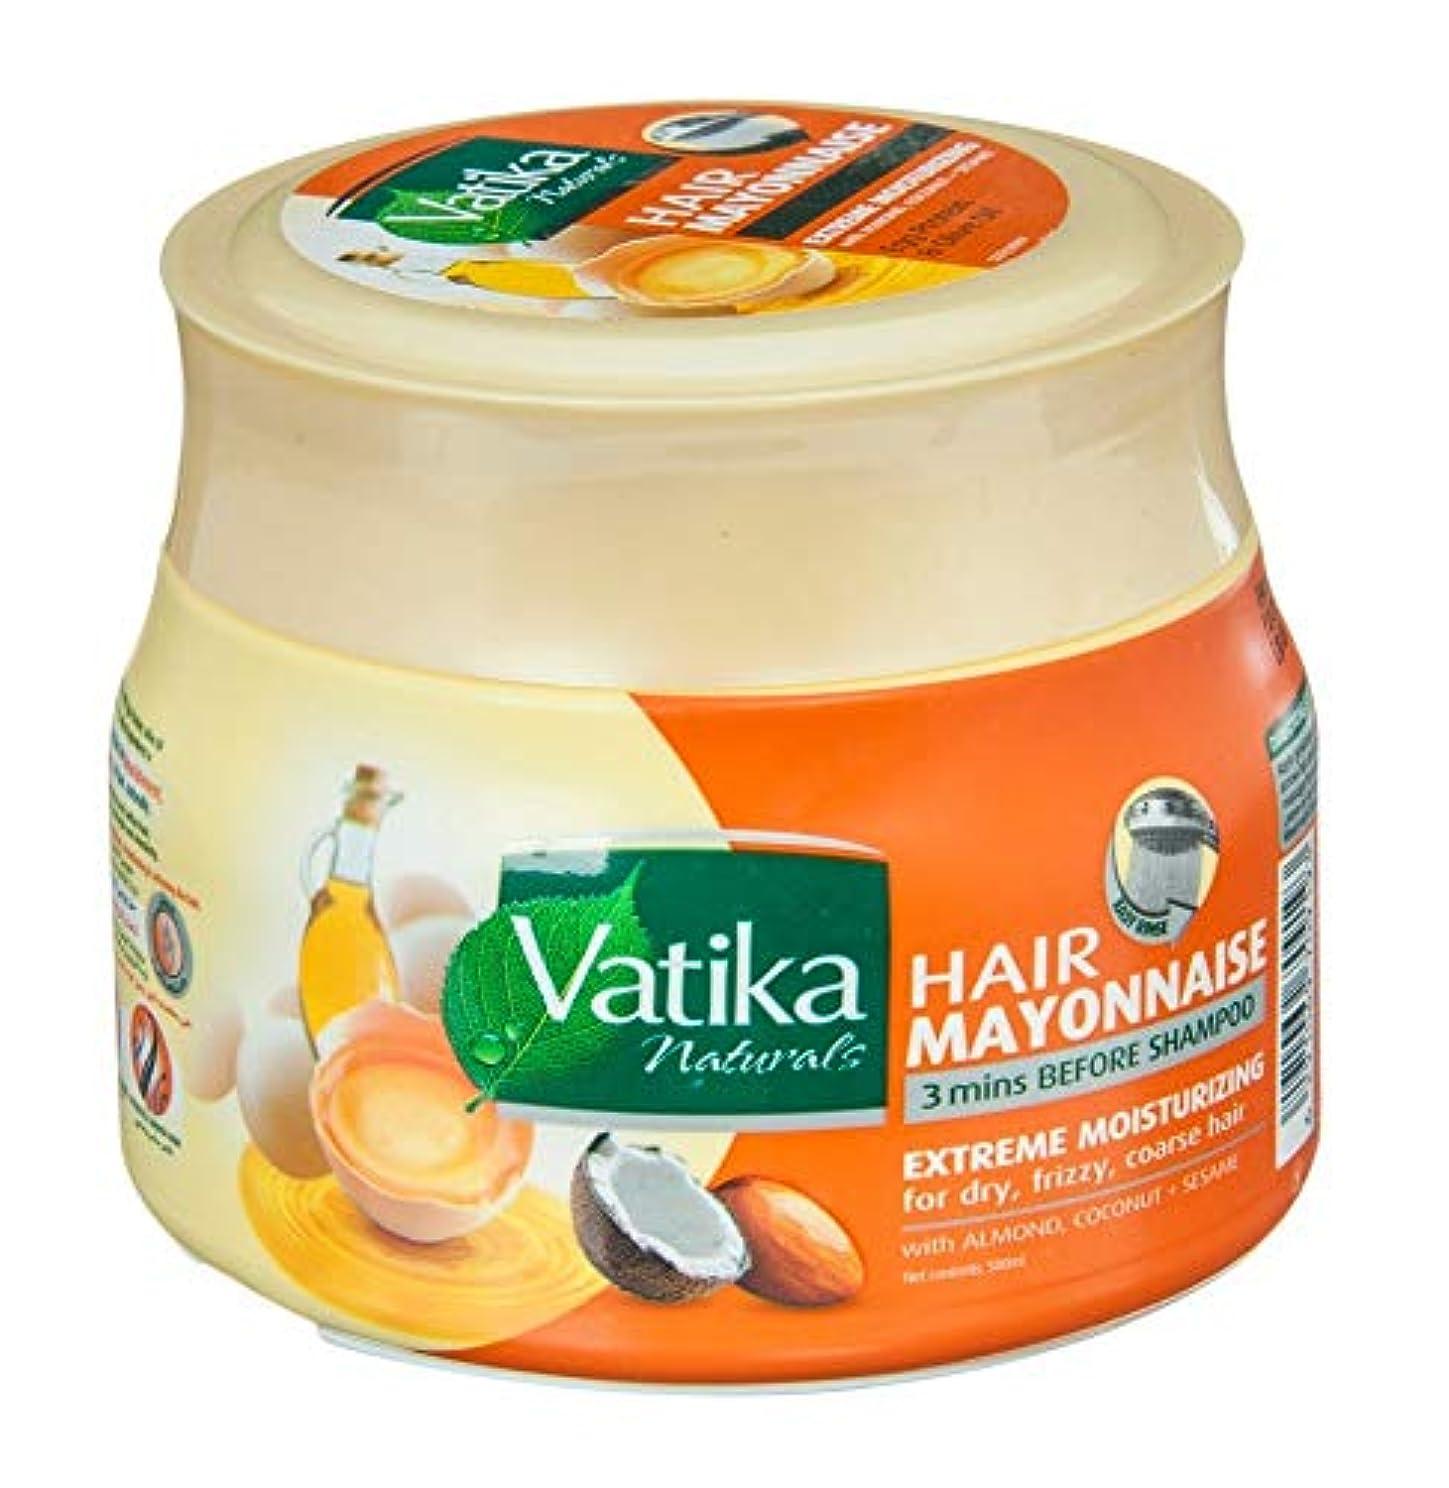 テスト教師の日出来事Natural Vatika Hair Mayonnaise Moisturizing 3 mins Before Shampoo 500 ml (Extreme Moisturizing (Almond, Coconut...